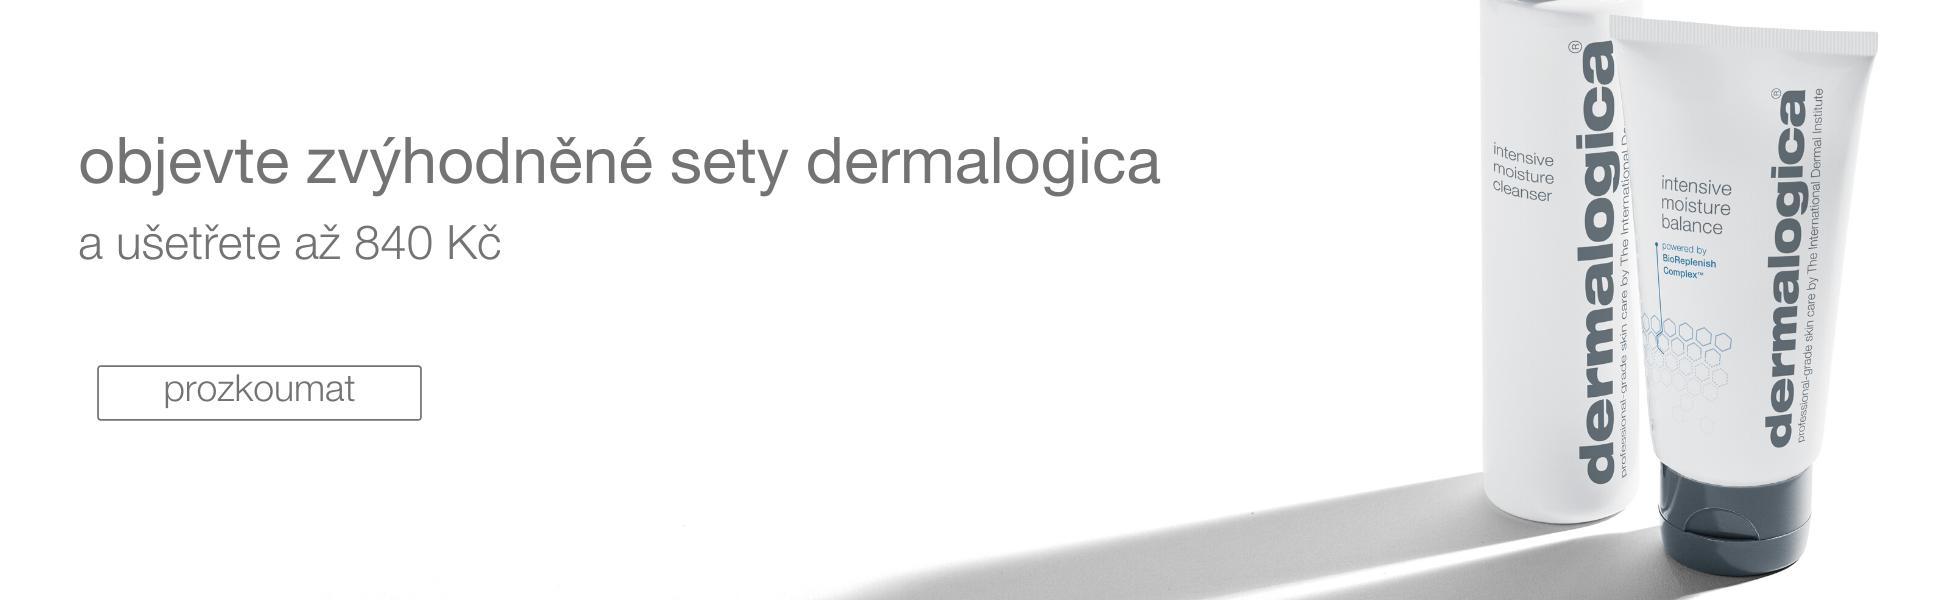 Zvýhodněné sety Dermalogica